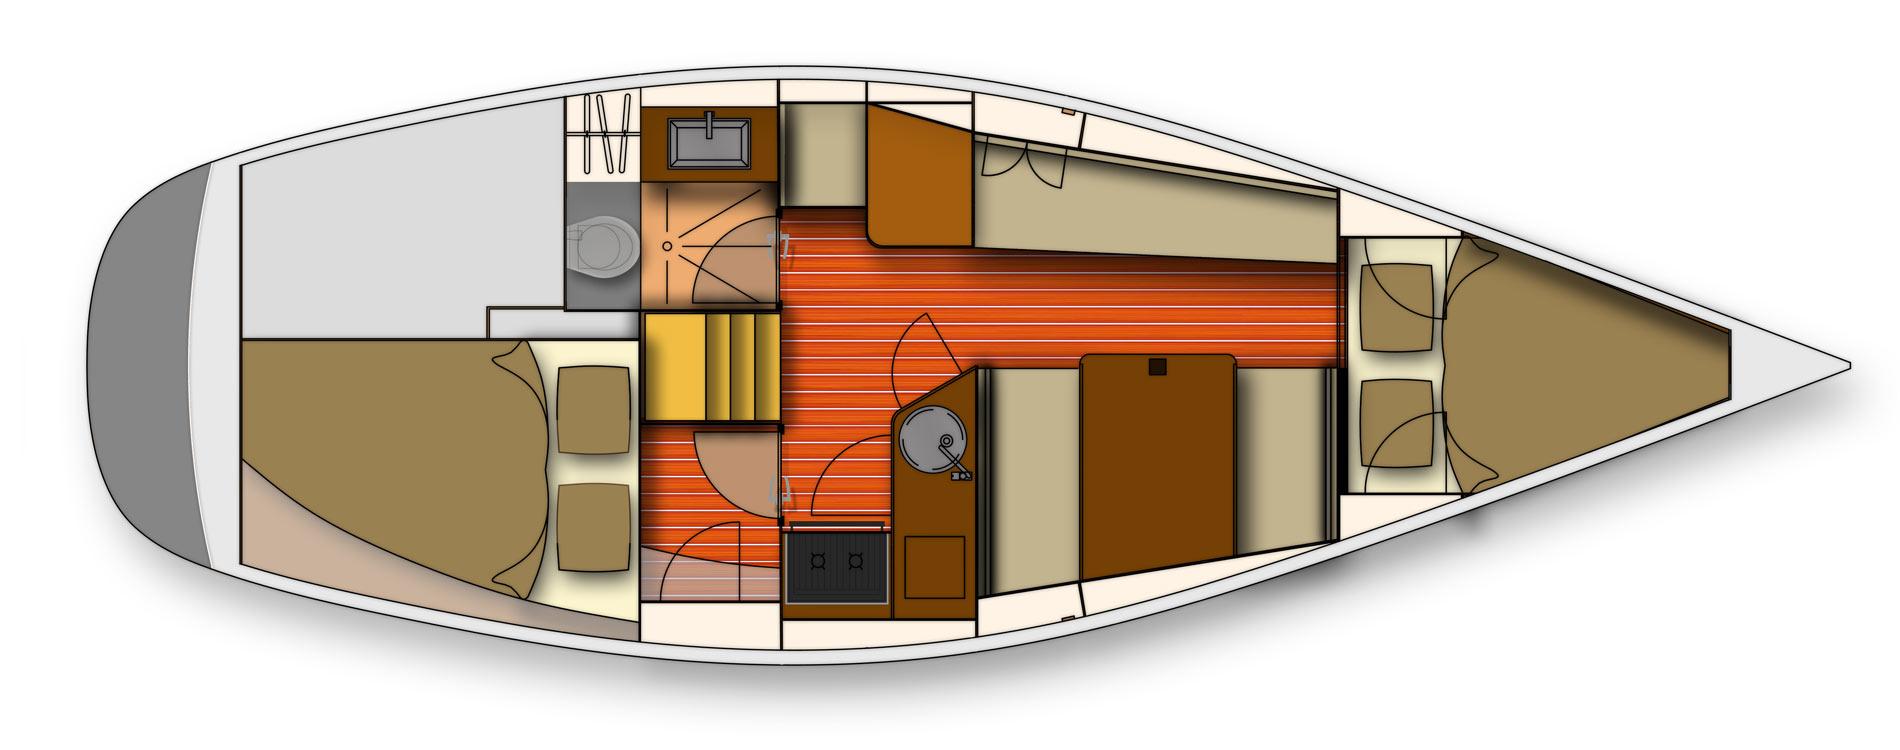 Wrighton30-Bateau-de-série-Maîtrise-d'oeuvre-voilier-de-série-interieur